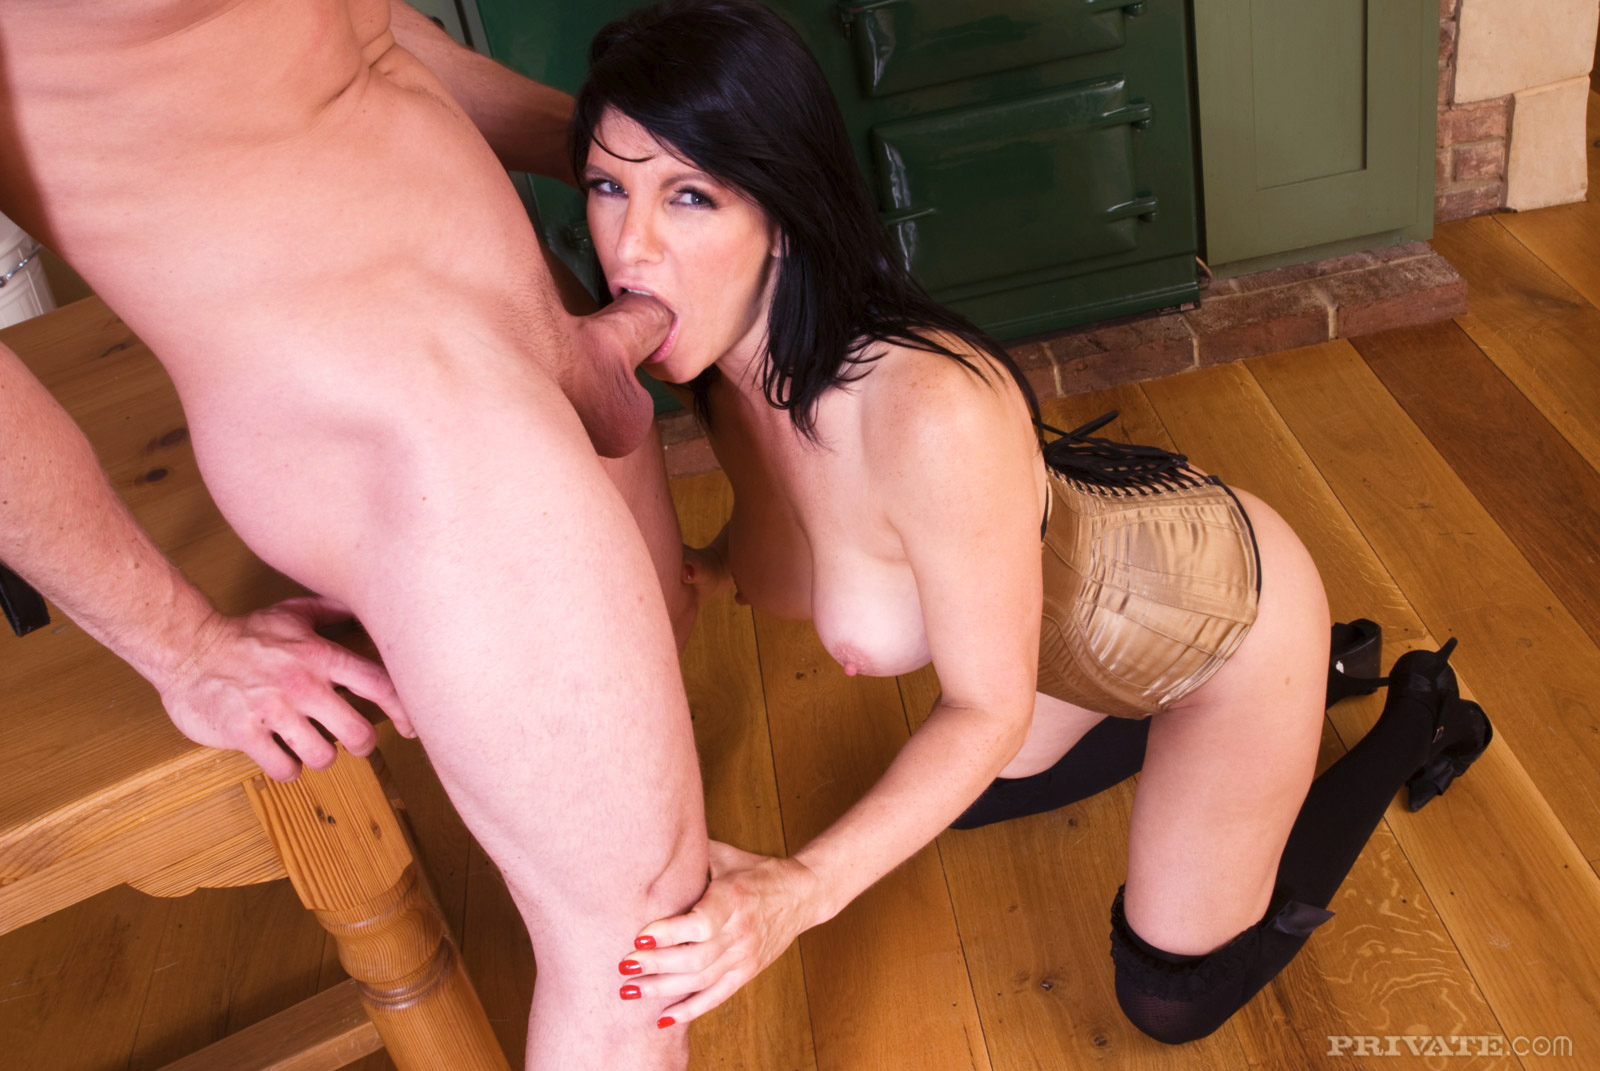 Порно онлайн. Смотреть бесплатно секс видео в хорошем ...